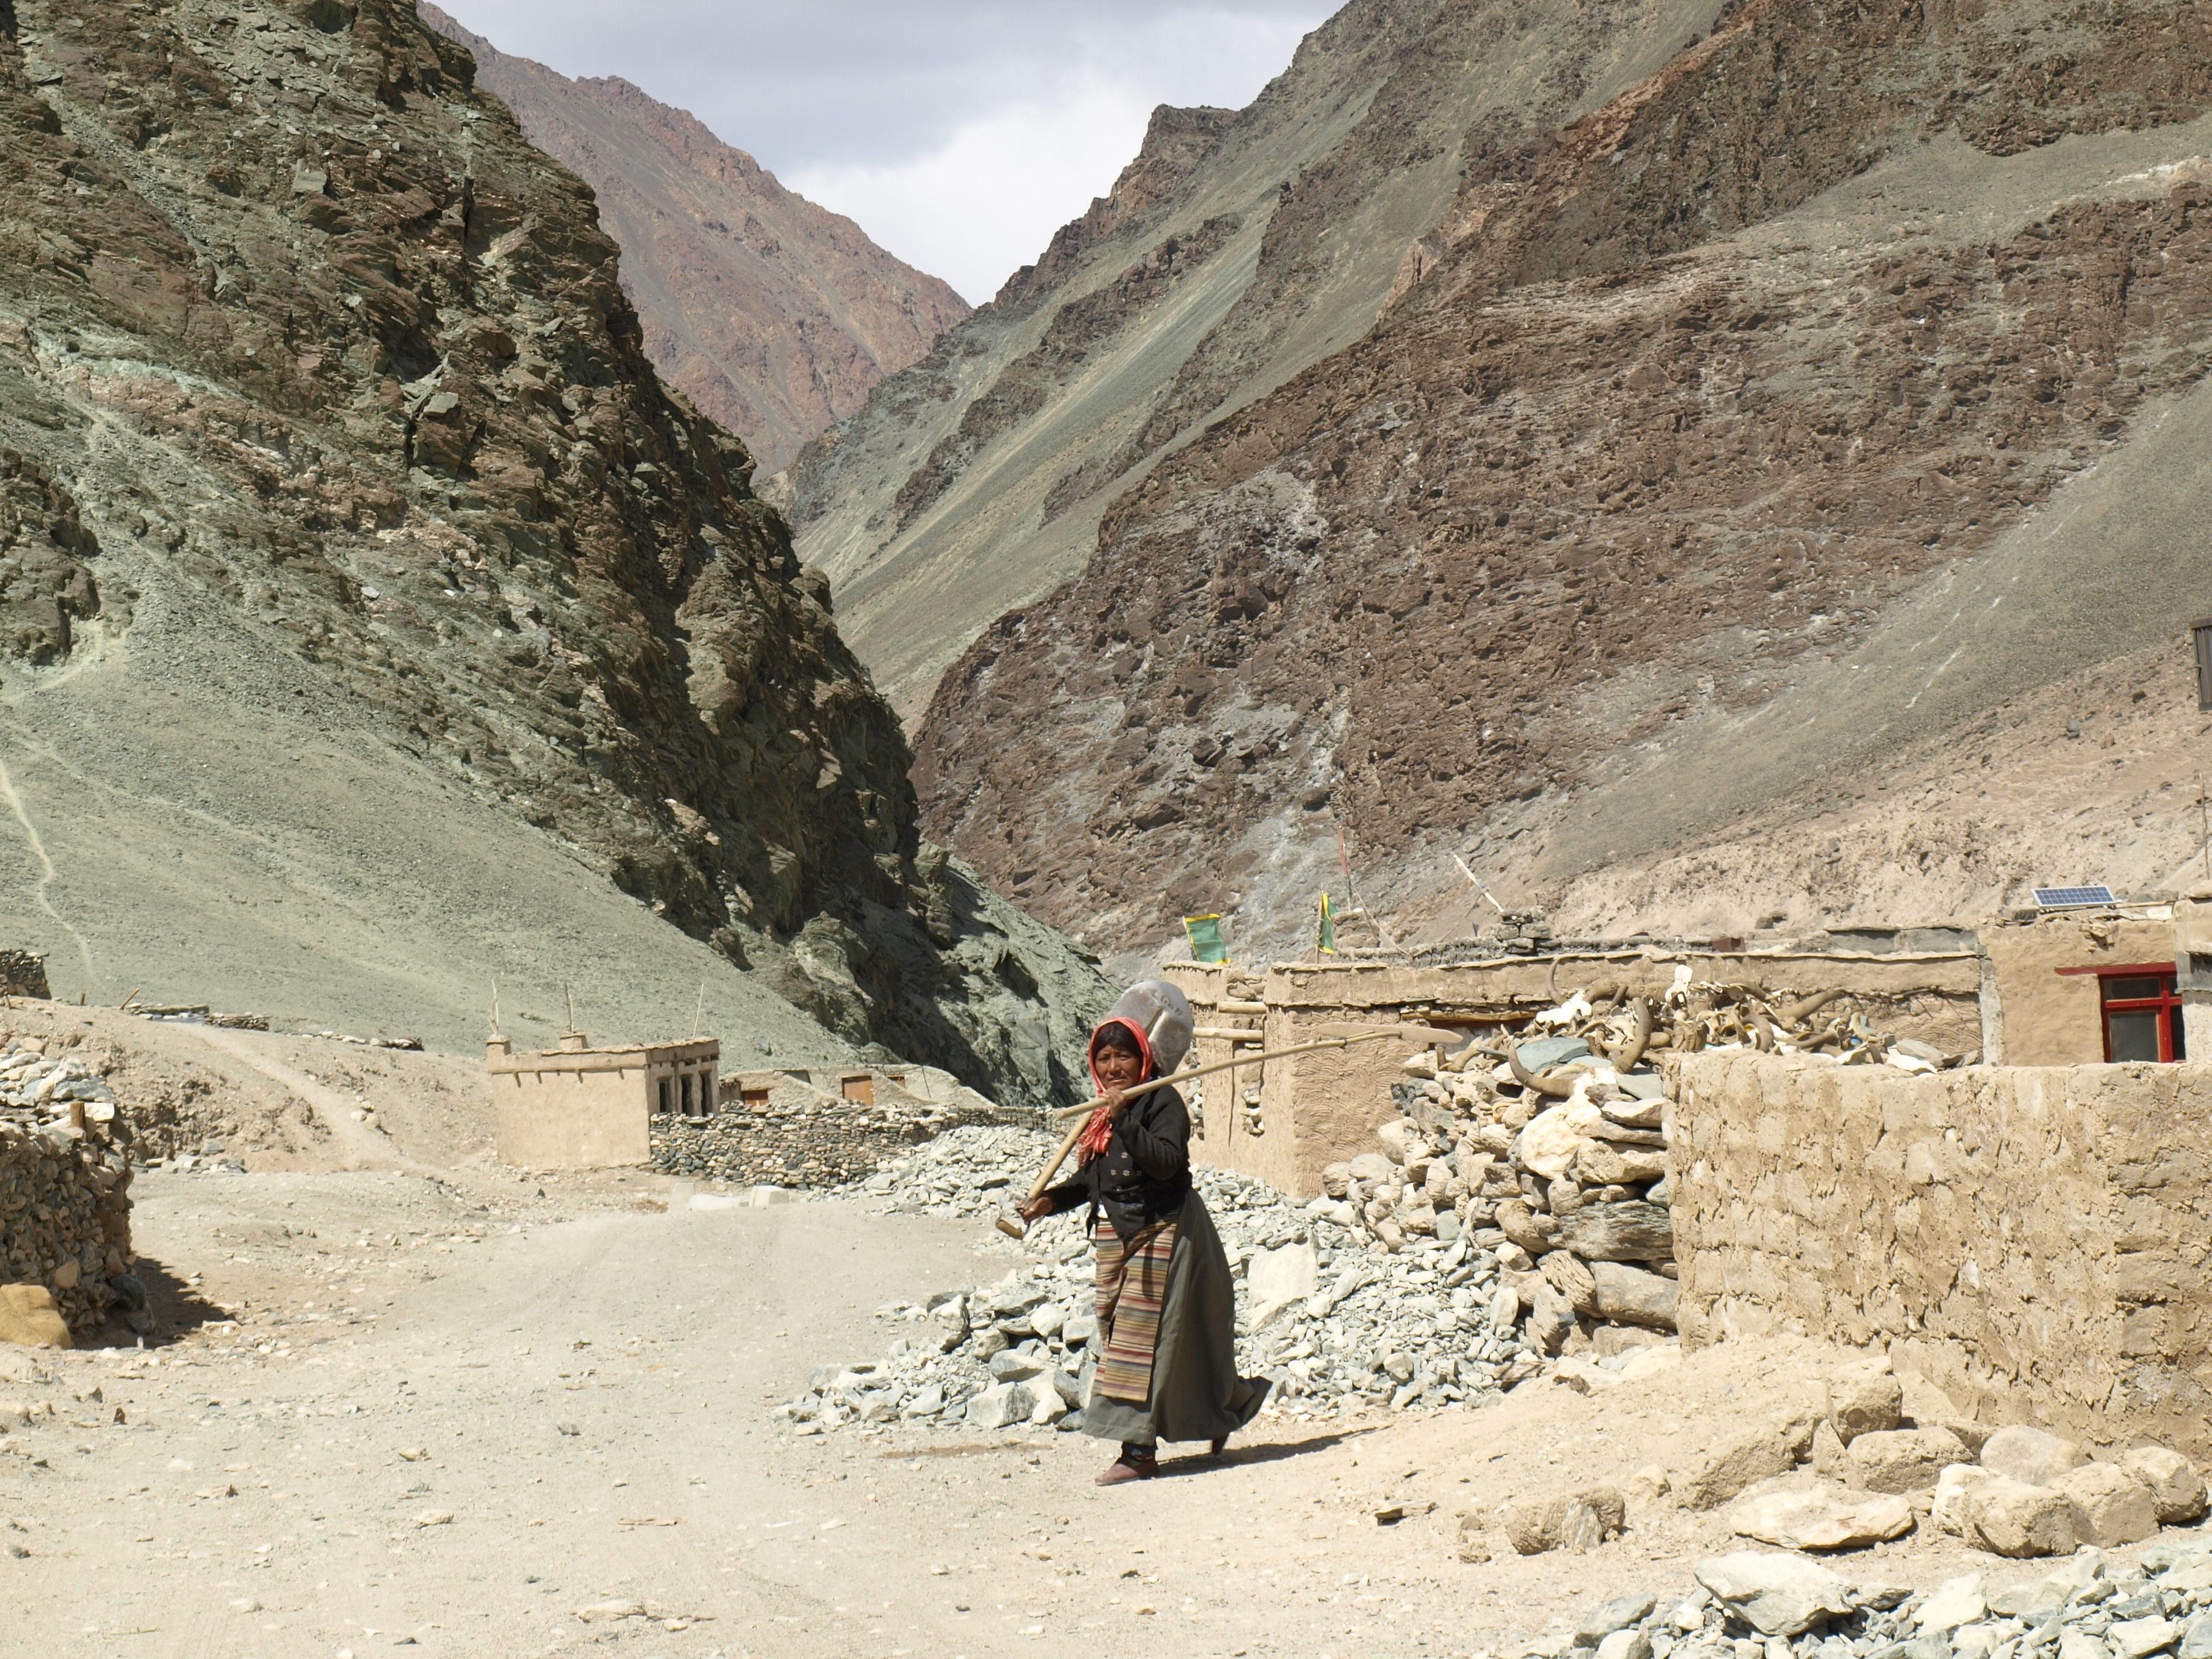 ead60a7e mennesker kvinne dal Dal geologi fjellene badlands india wadi Ladakh  lokalbefolkningen Landform antikkens historie geologisk fenomen